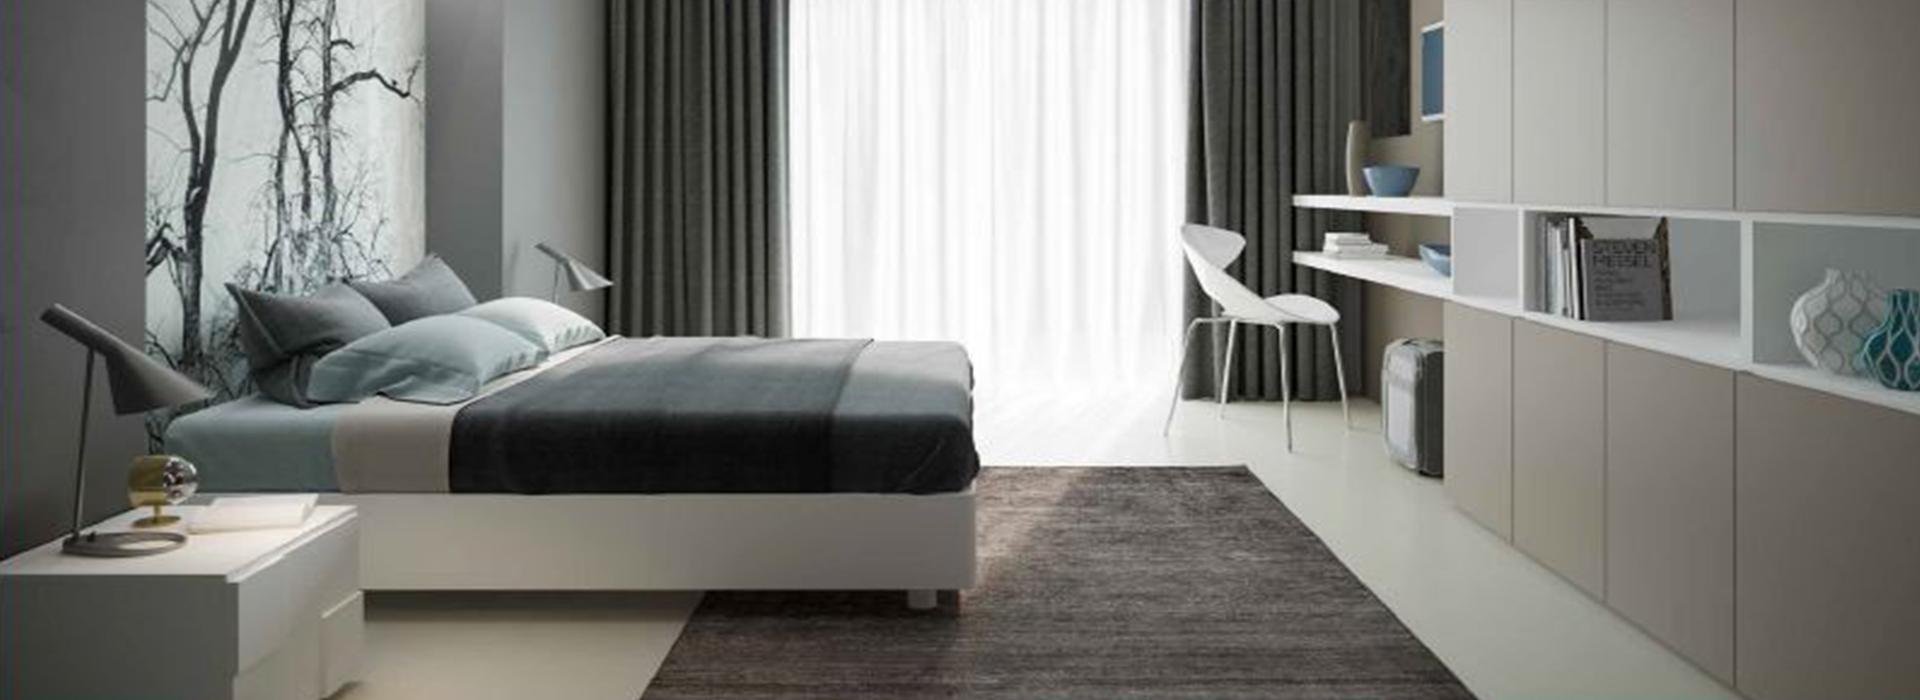 Geko arredi acri arredamento classico e moderno centro - Mobili contemporaneo moderno ...